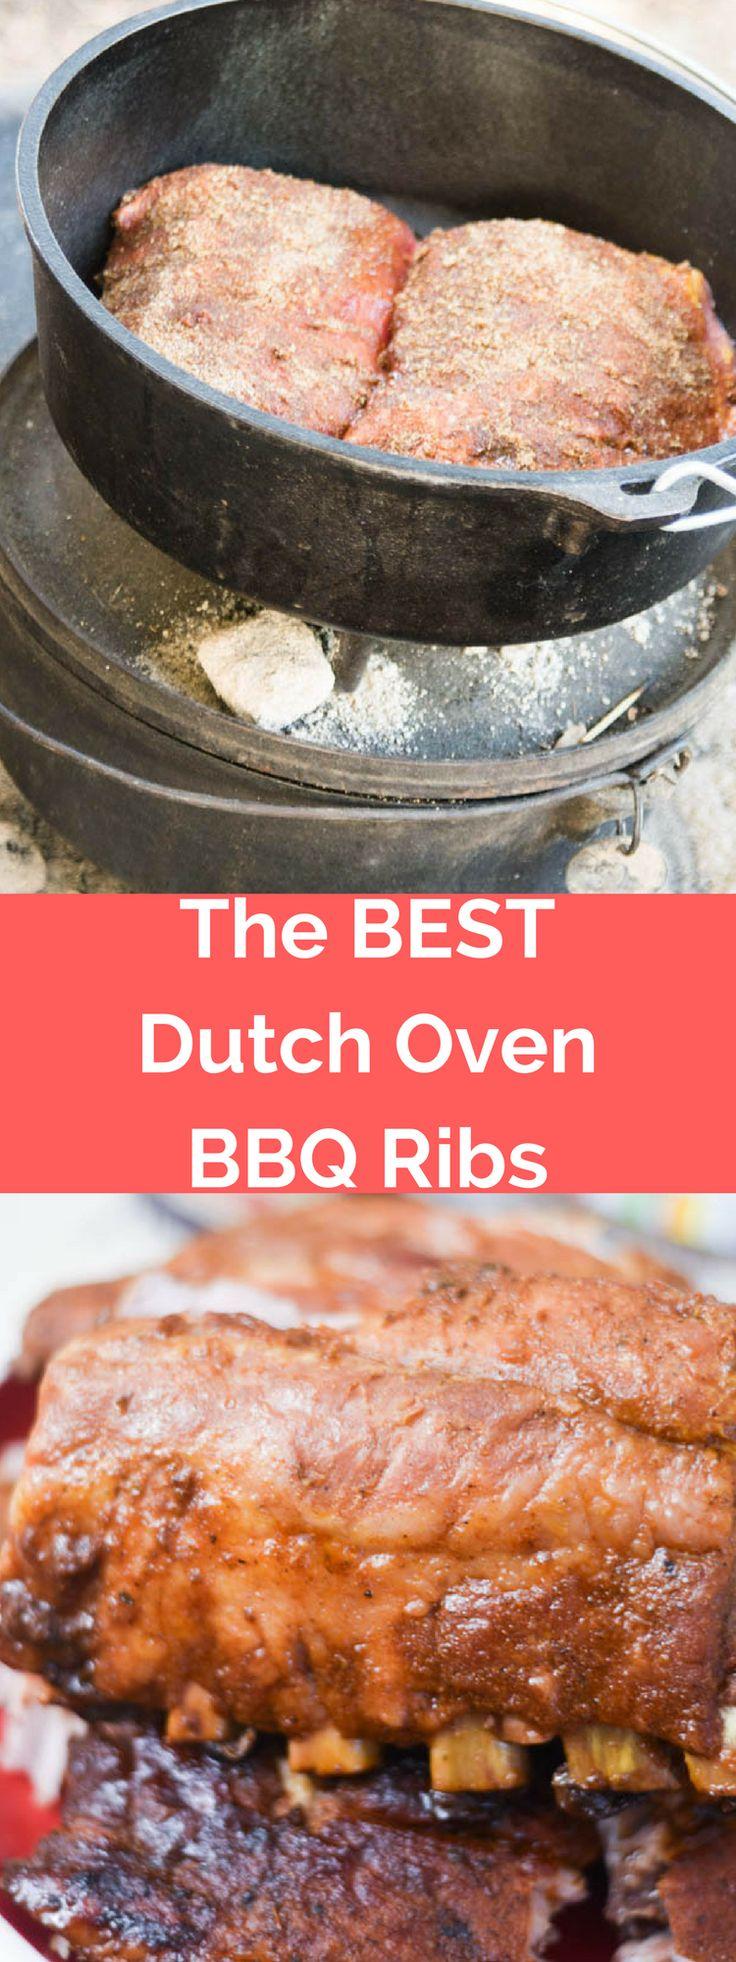 The Best Dutch Oven Ribs Recipe